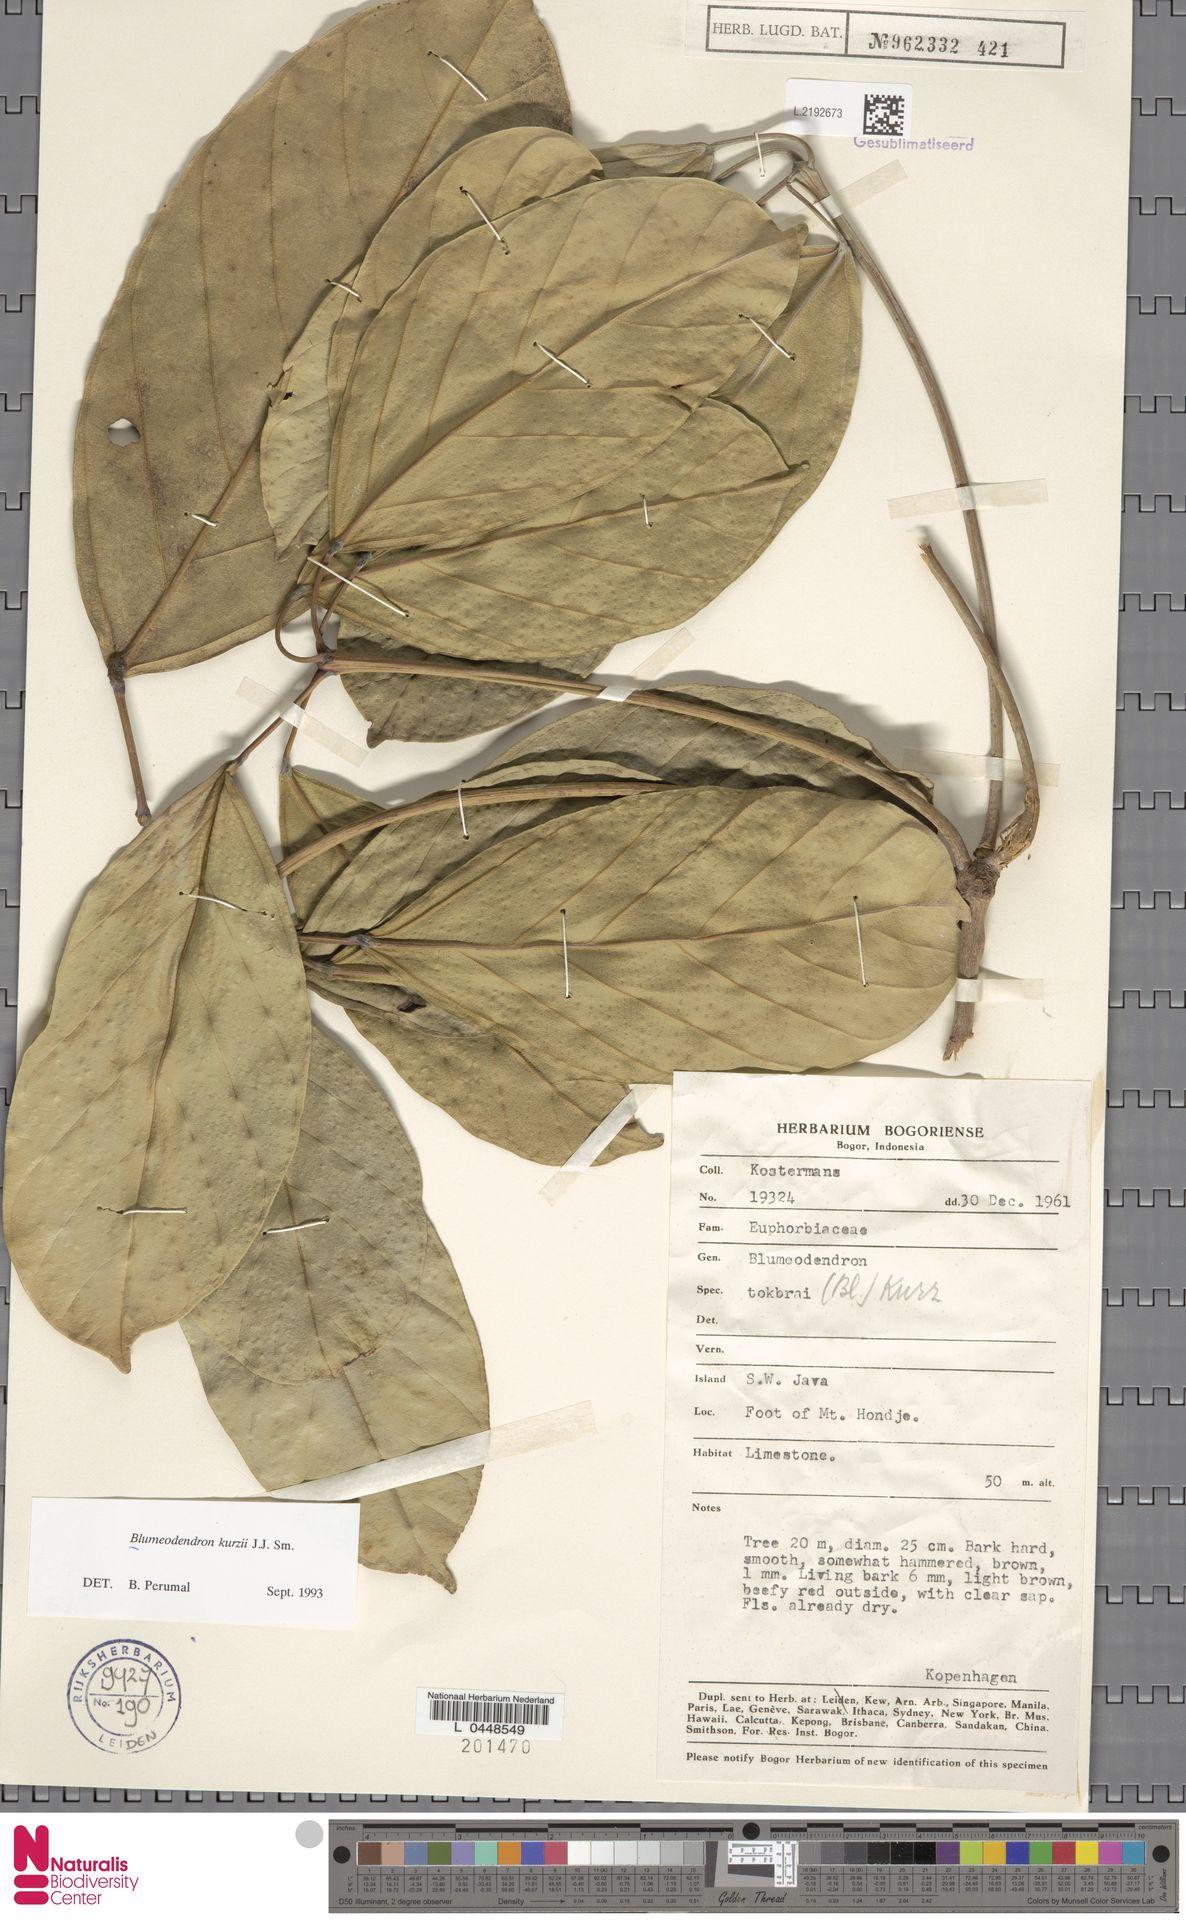 L.2192673   Blumeodendron kurzii (Hook.f.) J.J.Sm.